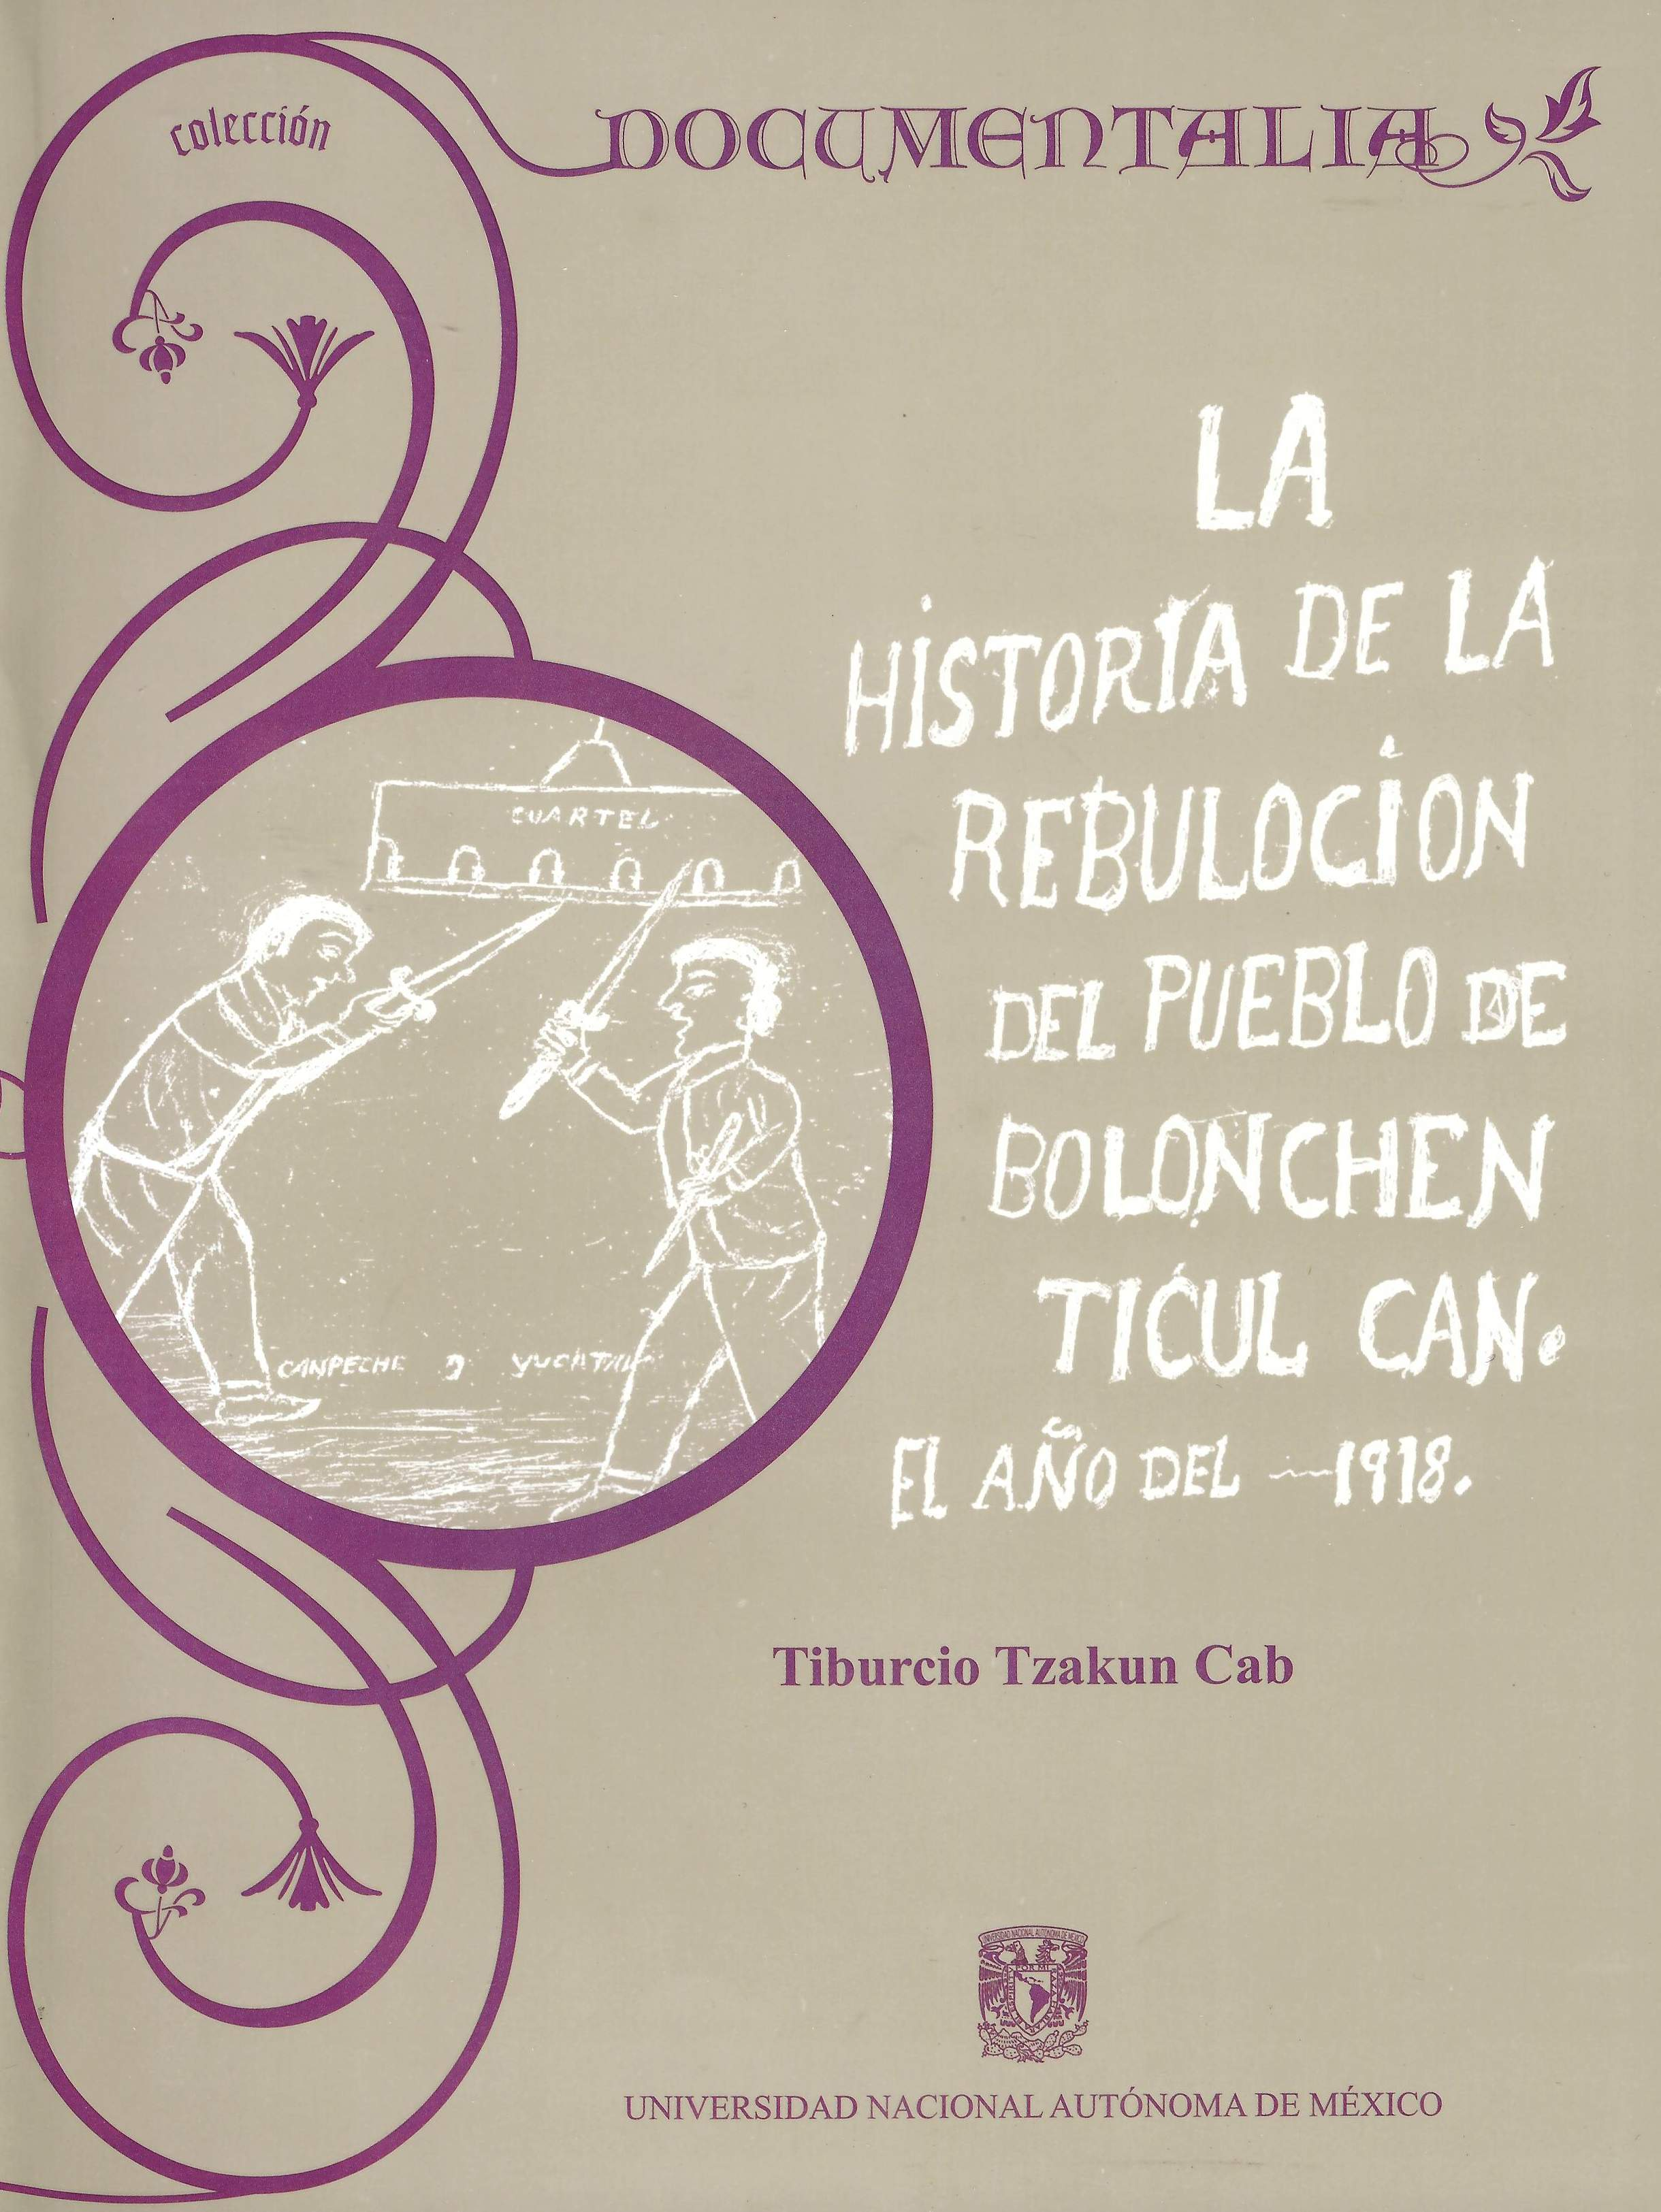 La historia de la rebulocion del pueblo de Bolonchen Ticul Can. El año del 1918